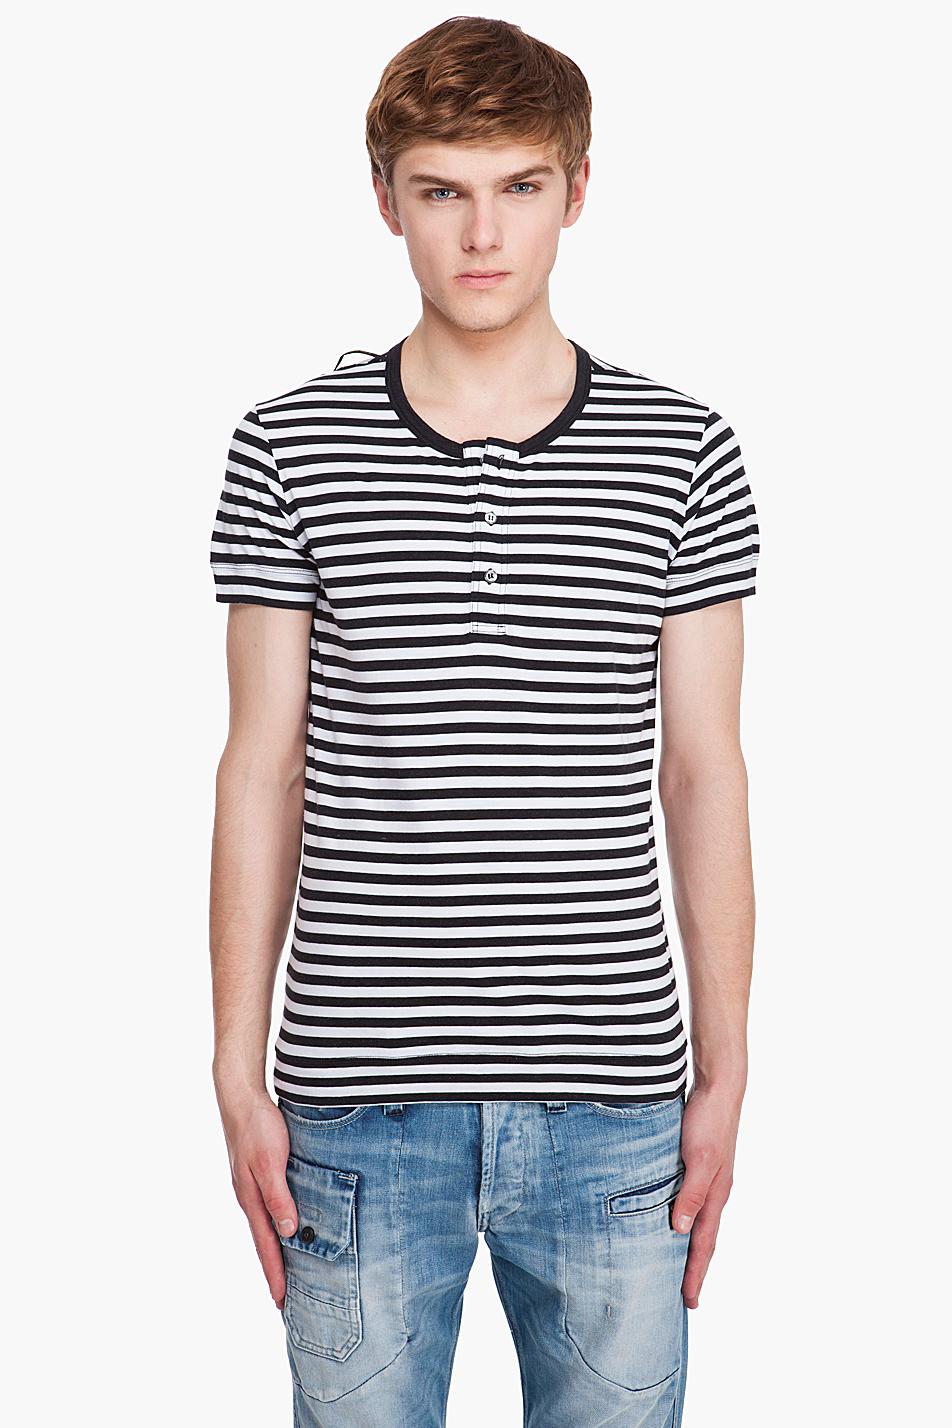 Мужская рубашка хенли в горизонтальную полоску, Diesel Black Gold